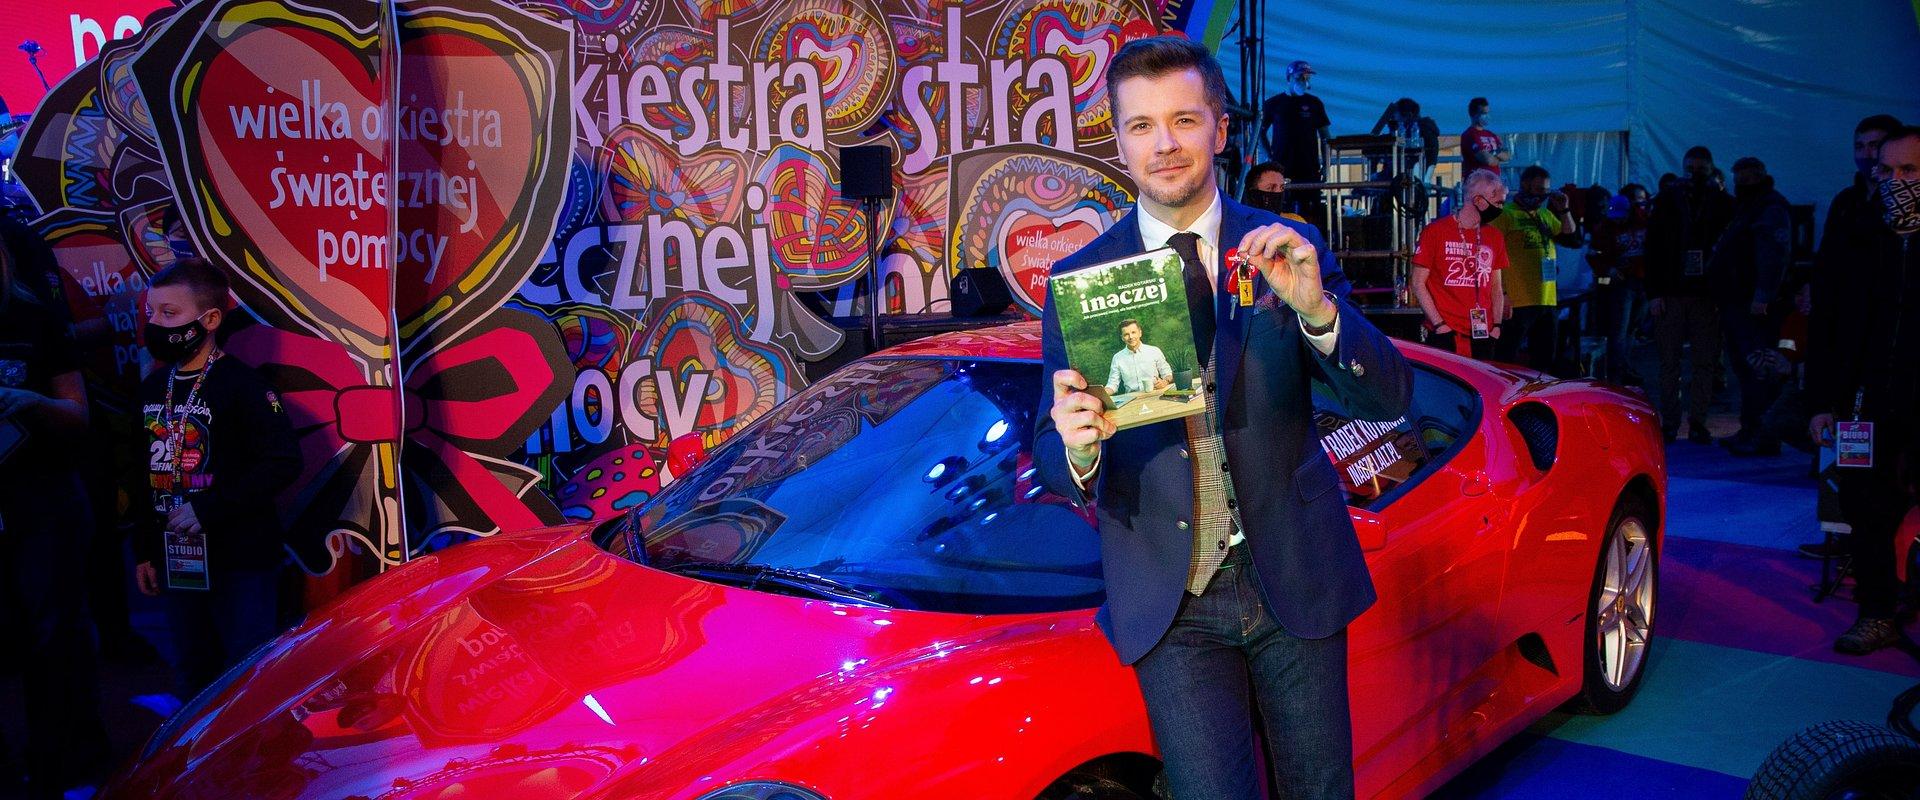 Radek Kotarski na Akademii Sztuk Przepięknych